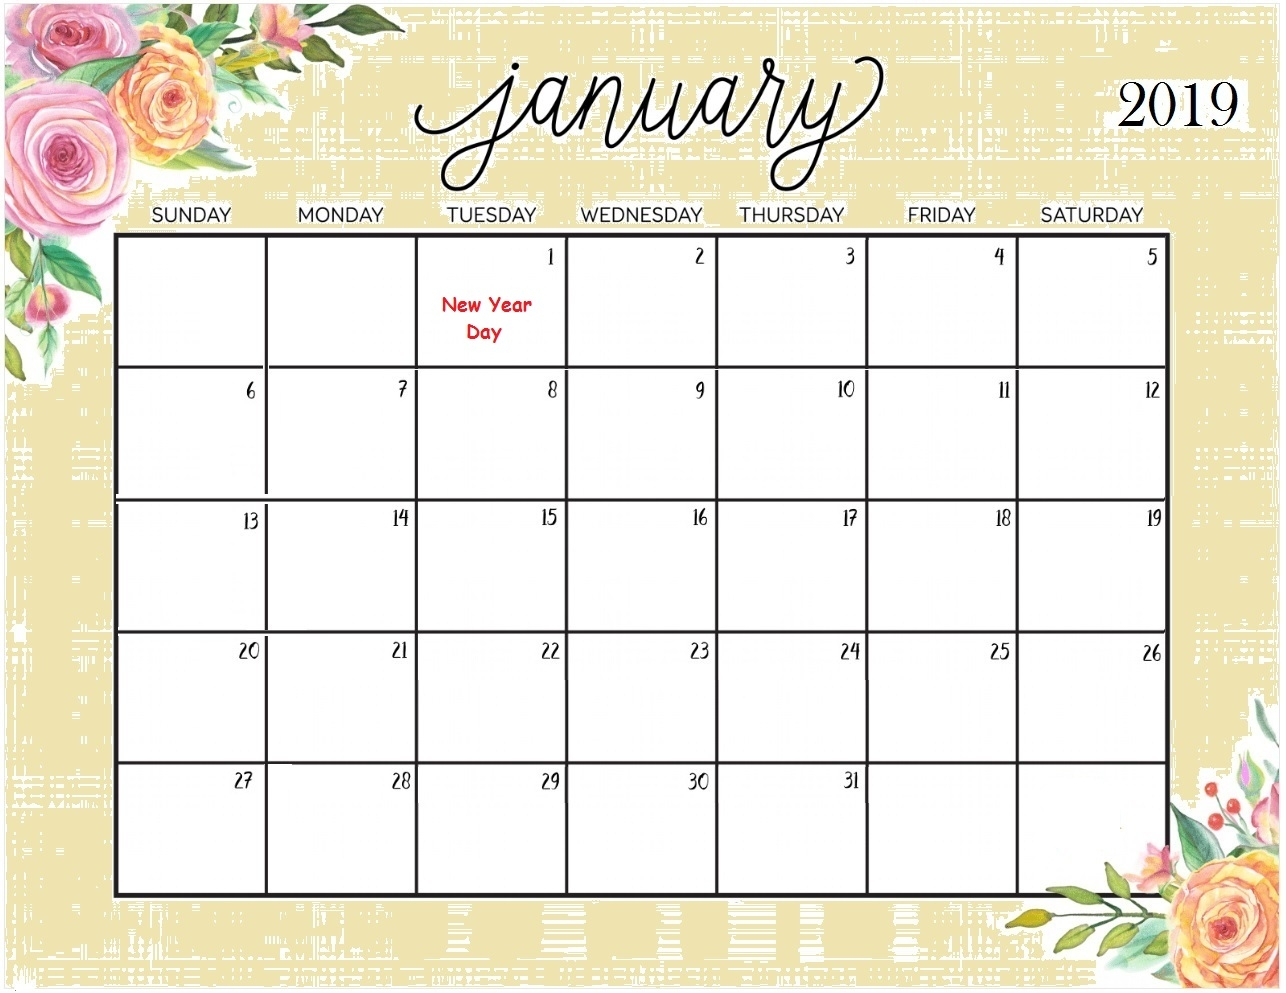 january 2018 calendar January 2019 HD Calendar Wallpapers erdferdf